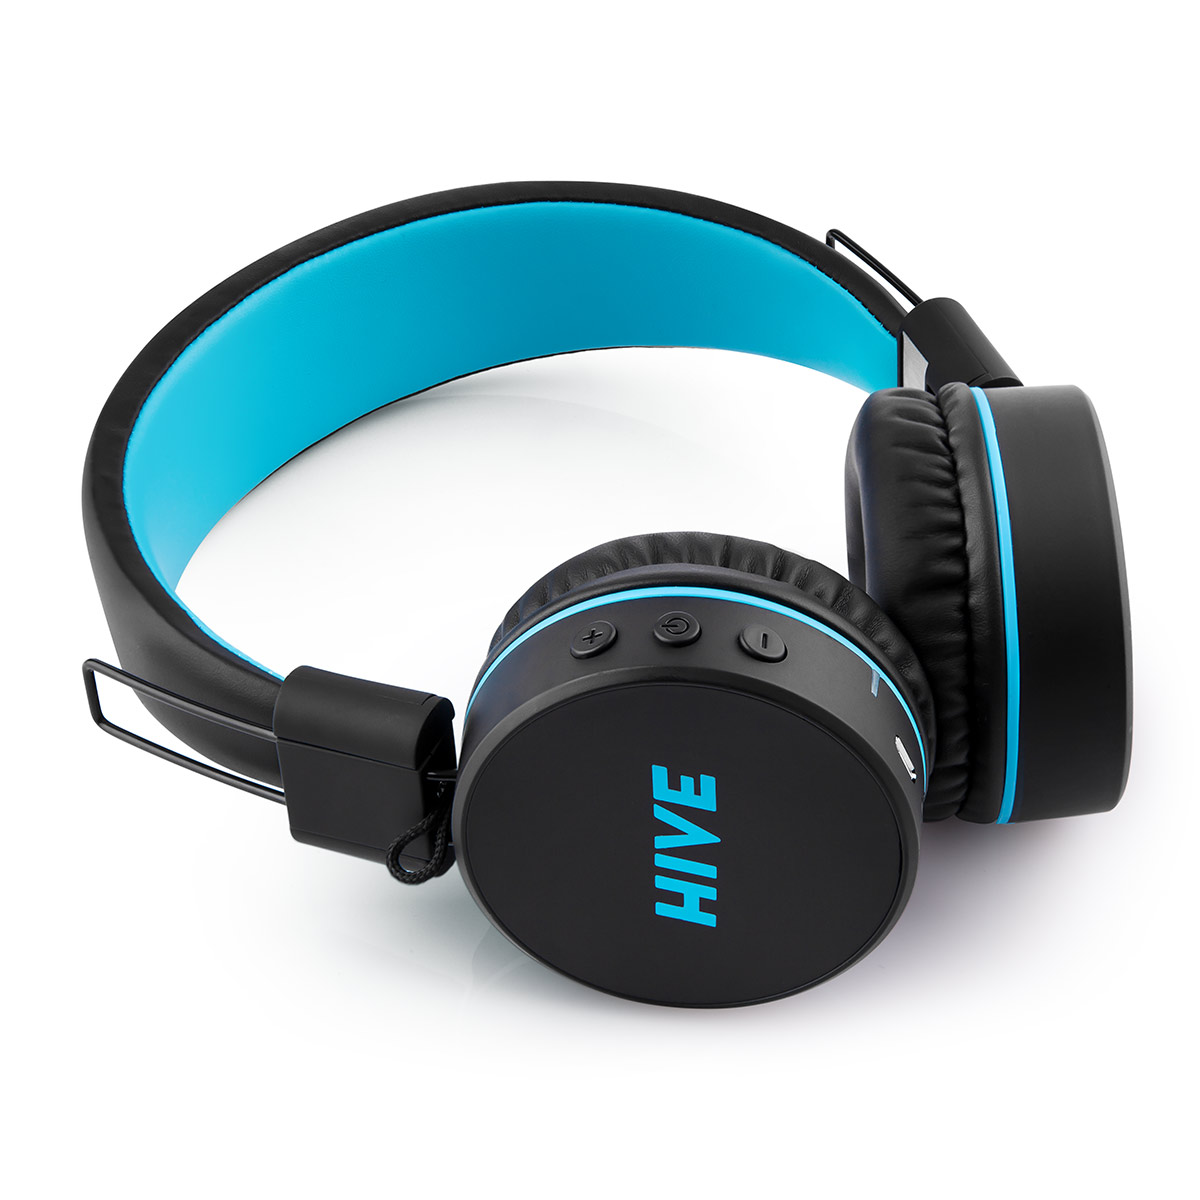 Bezdrátová sluchátka Niceboy HIVE černá/modrá